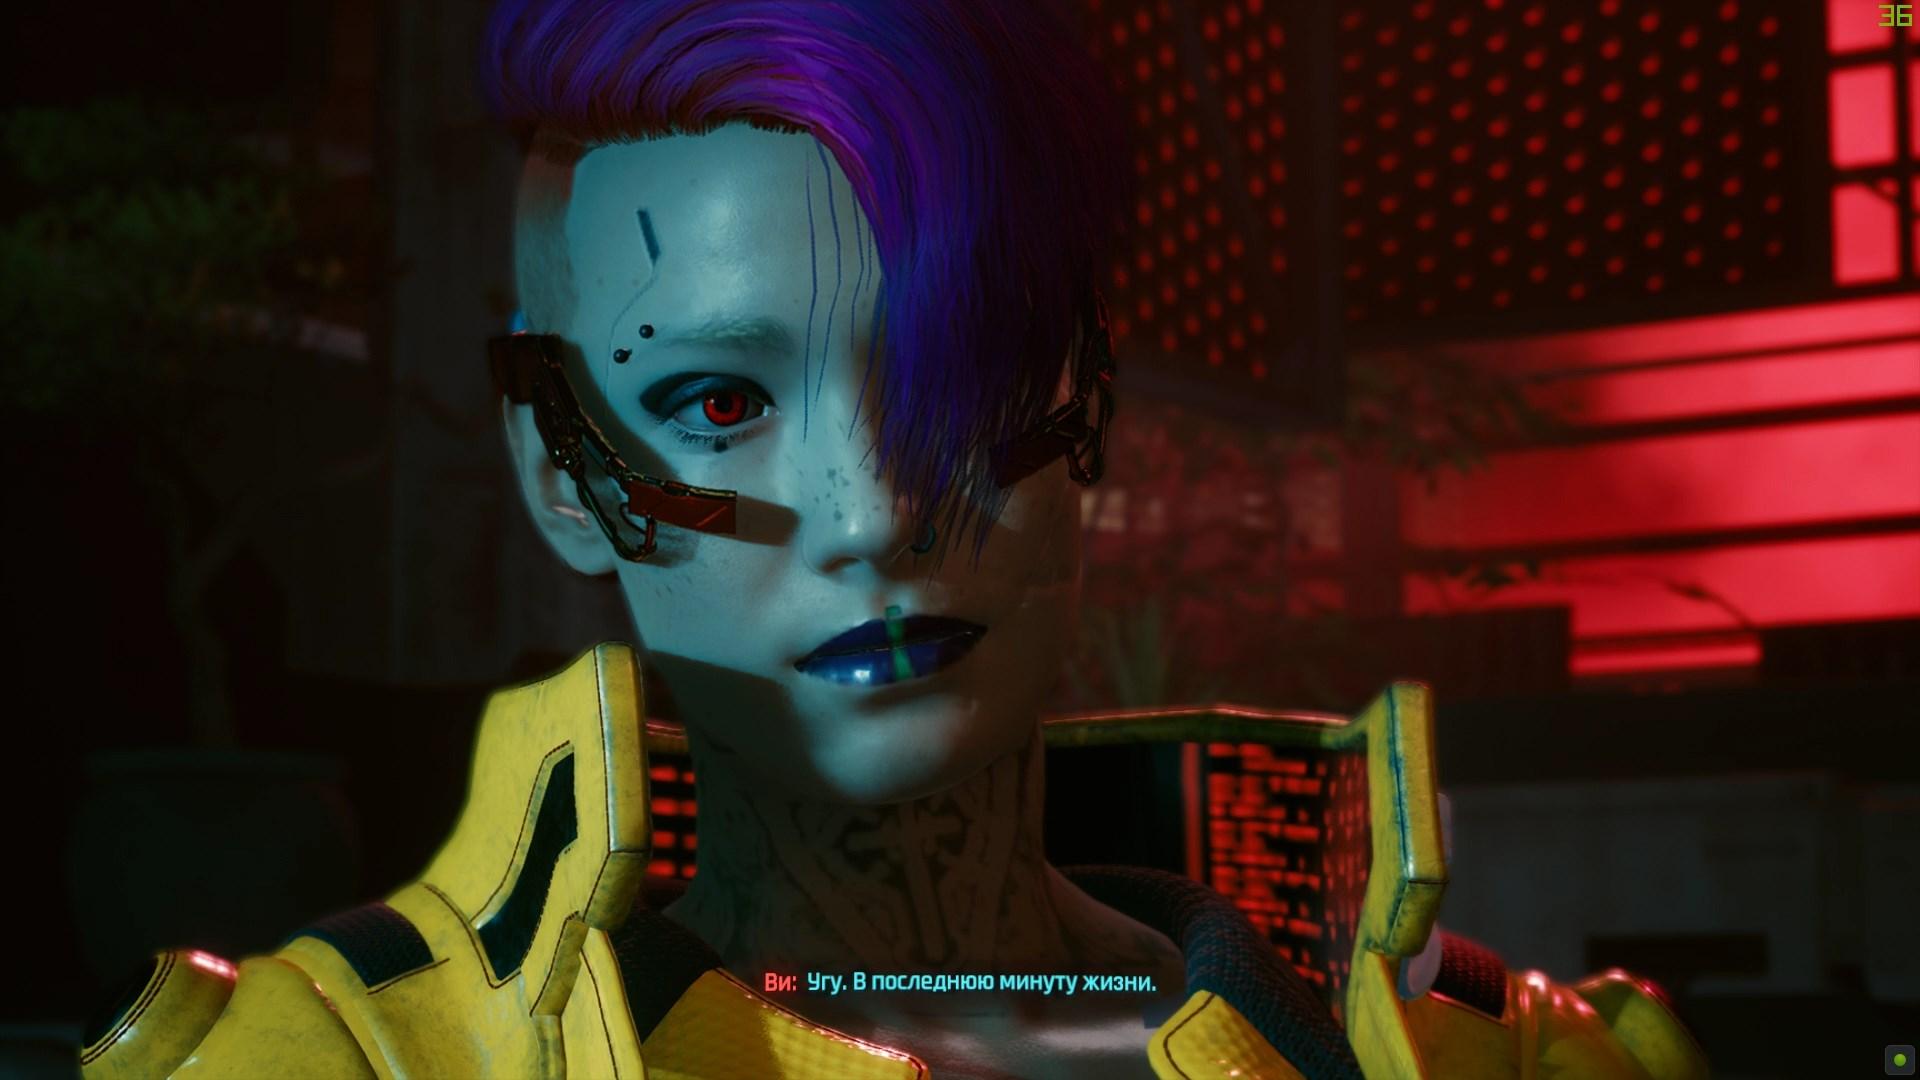 Cyberpunk 2077 2021.01.09 - 03.31.14.03.mp4_snapshot_03.00.597.jpg - Cyberpunk 2077